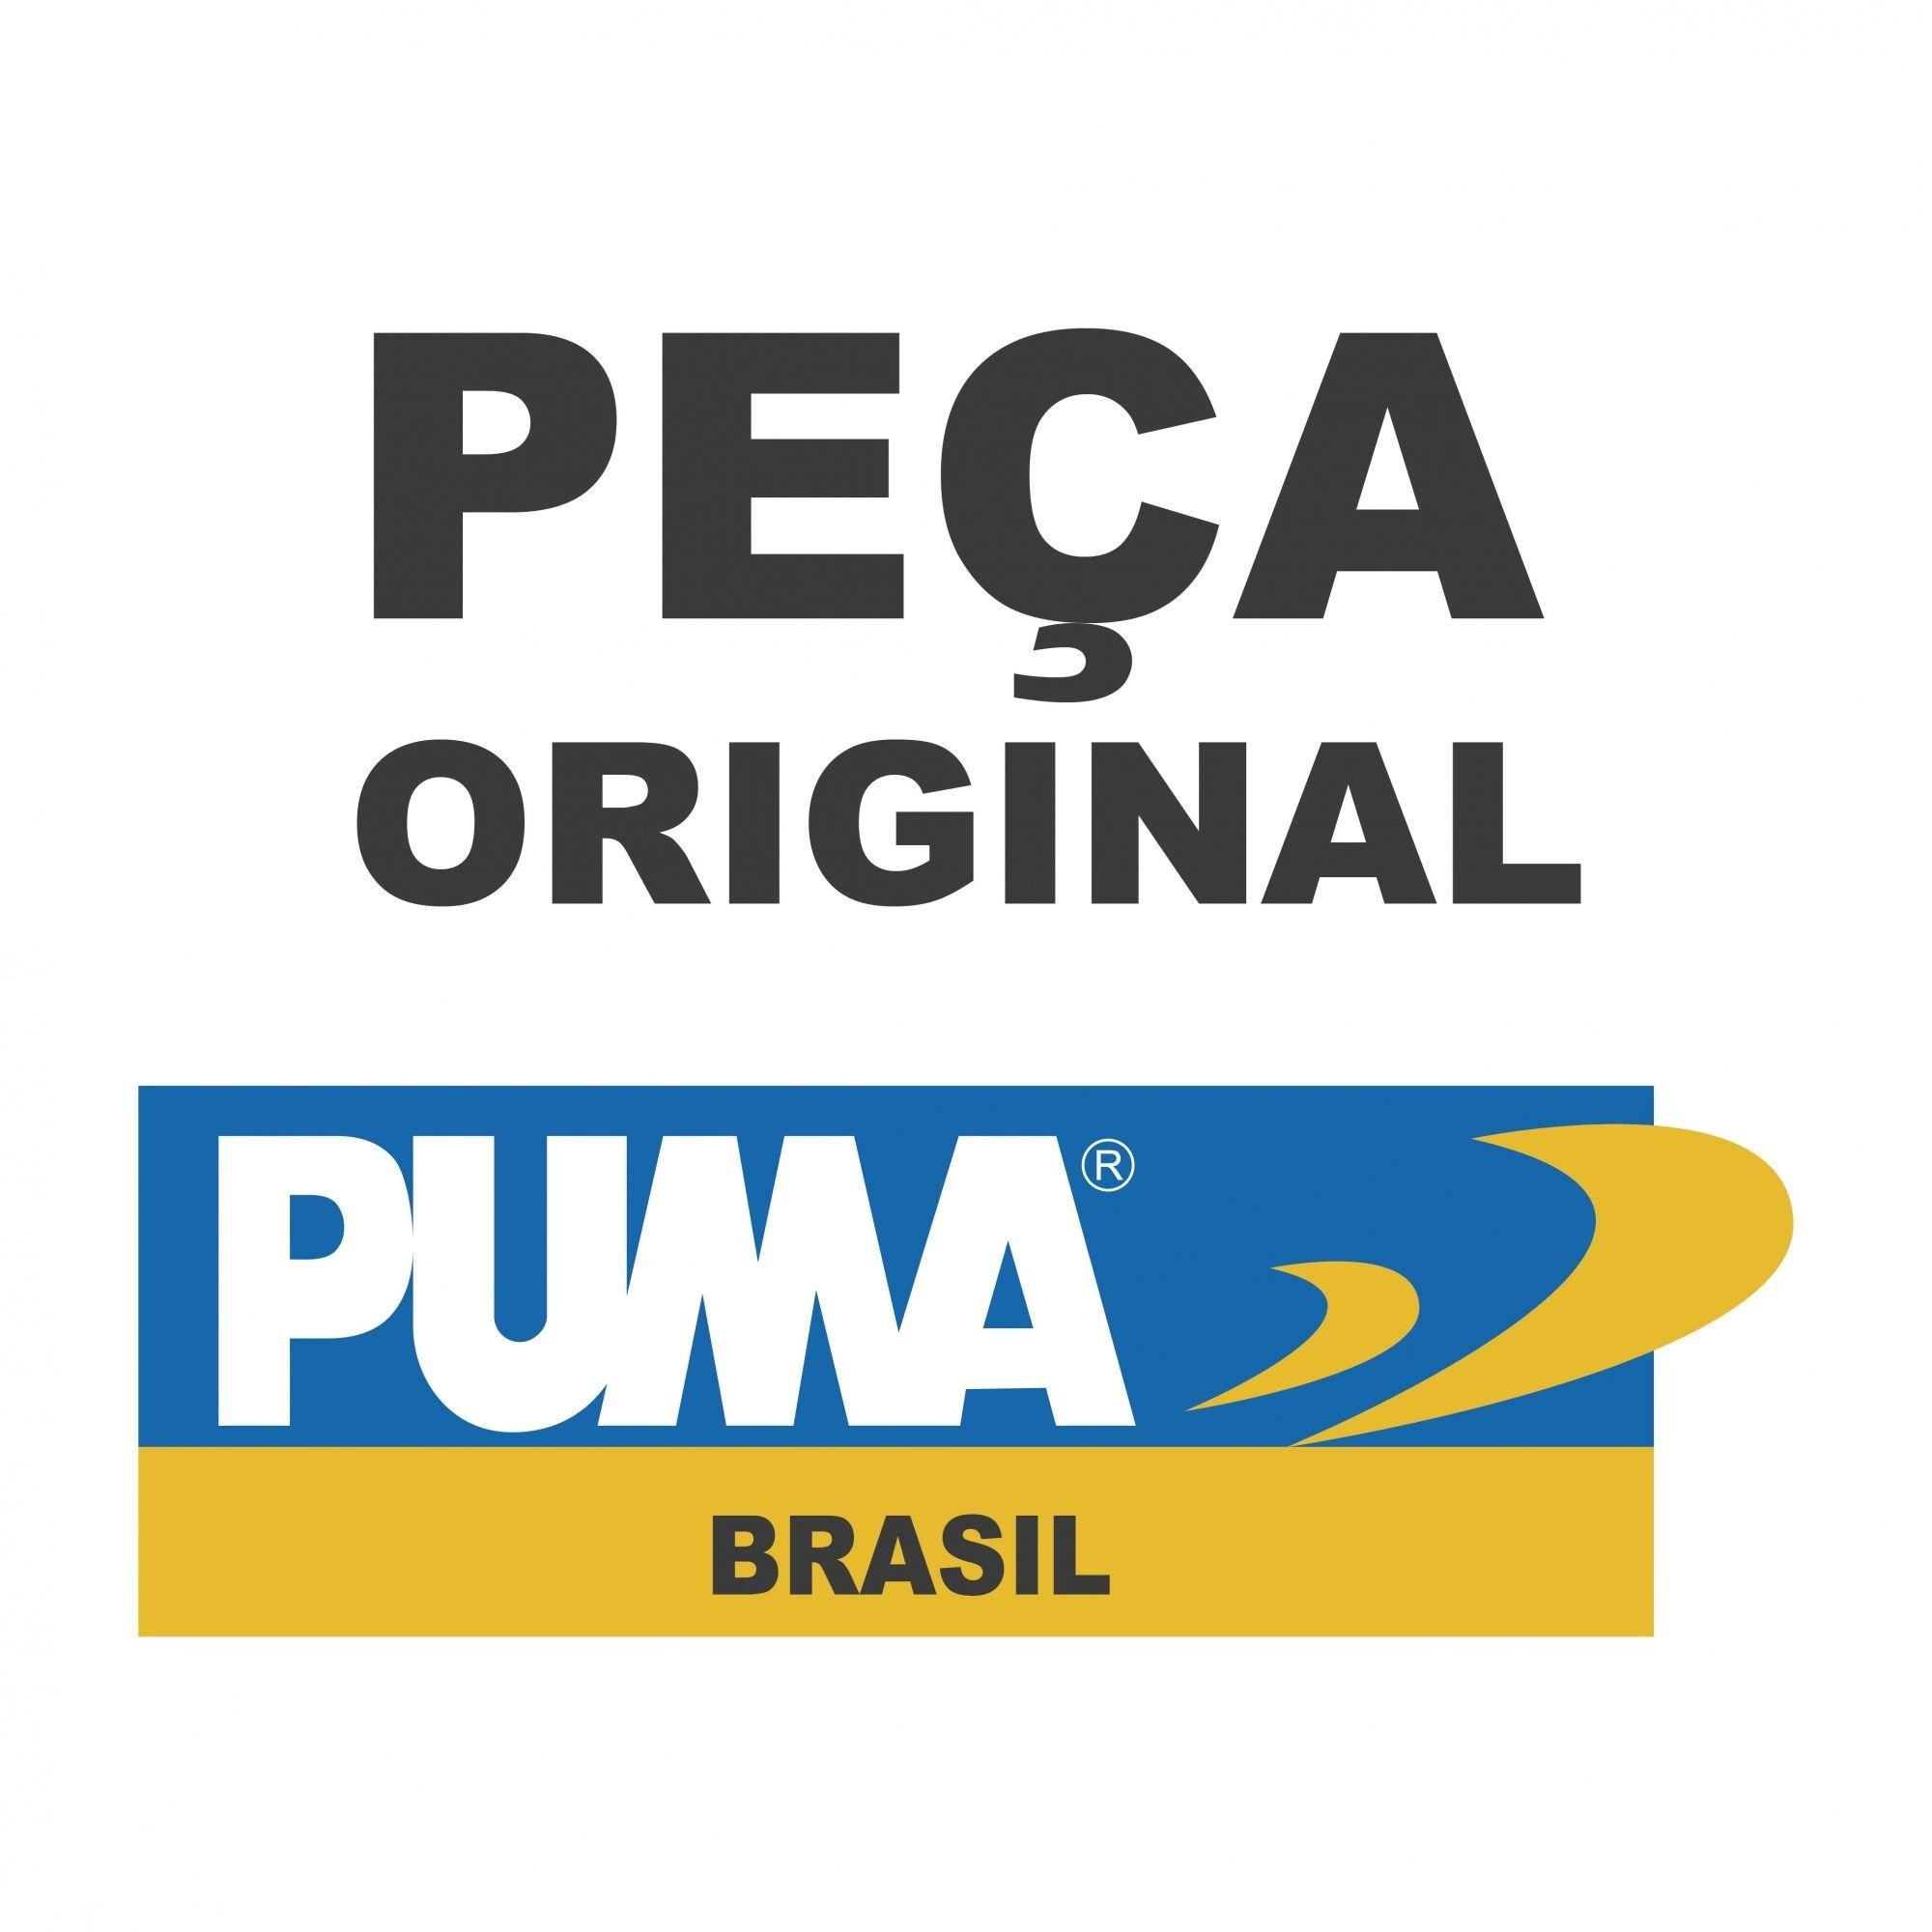 ASSENTO DA VALVULA - PEÇA PNEUMÁTICA PUMA - T1079-07